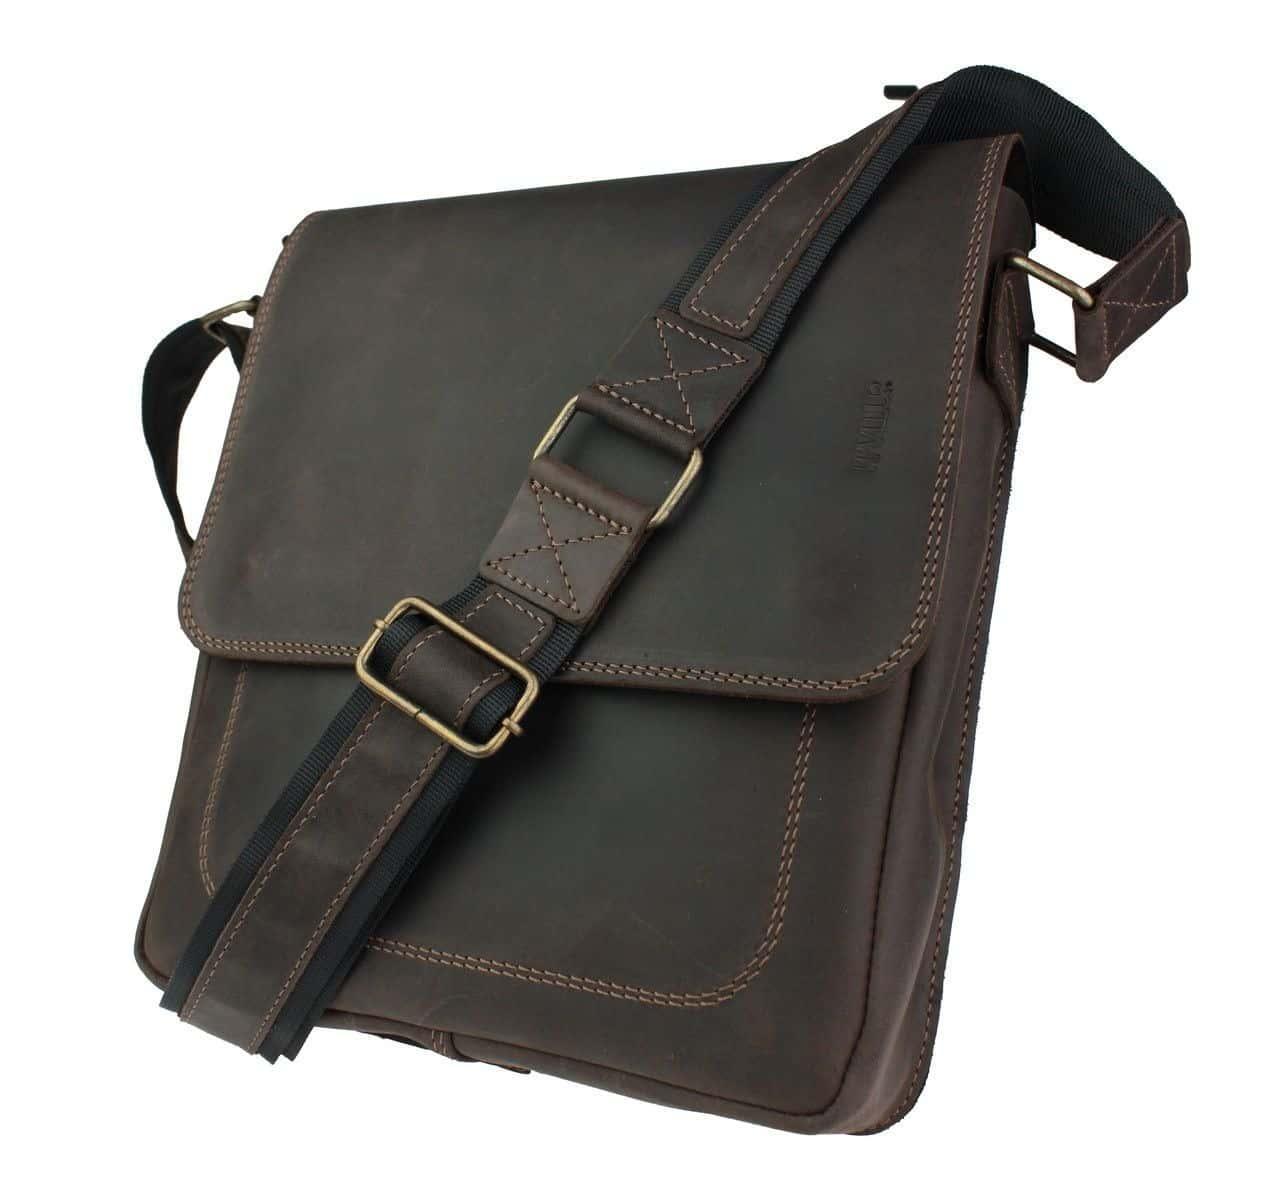 кожаная мужская сумка ручной работы - кенгуру